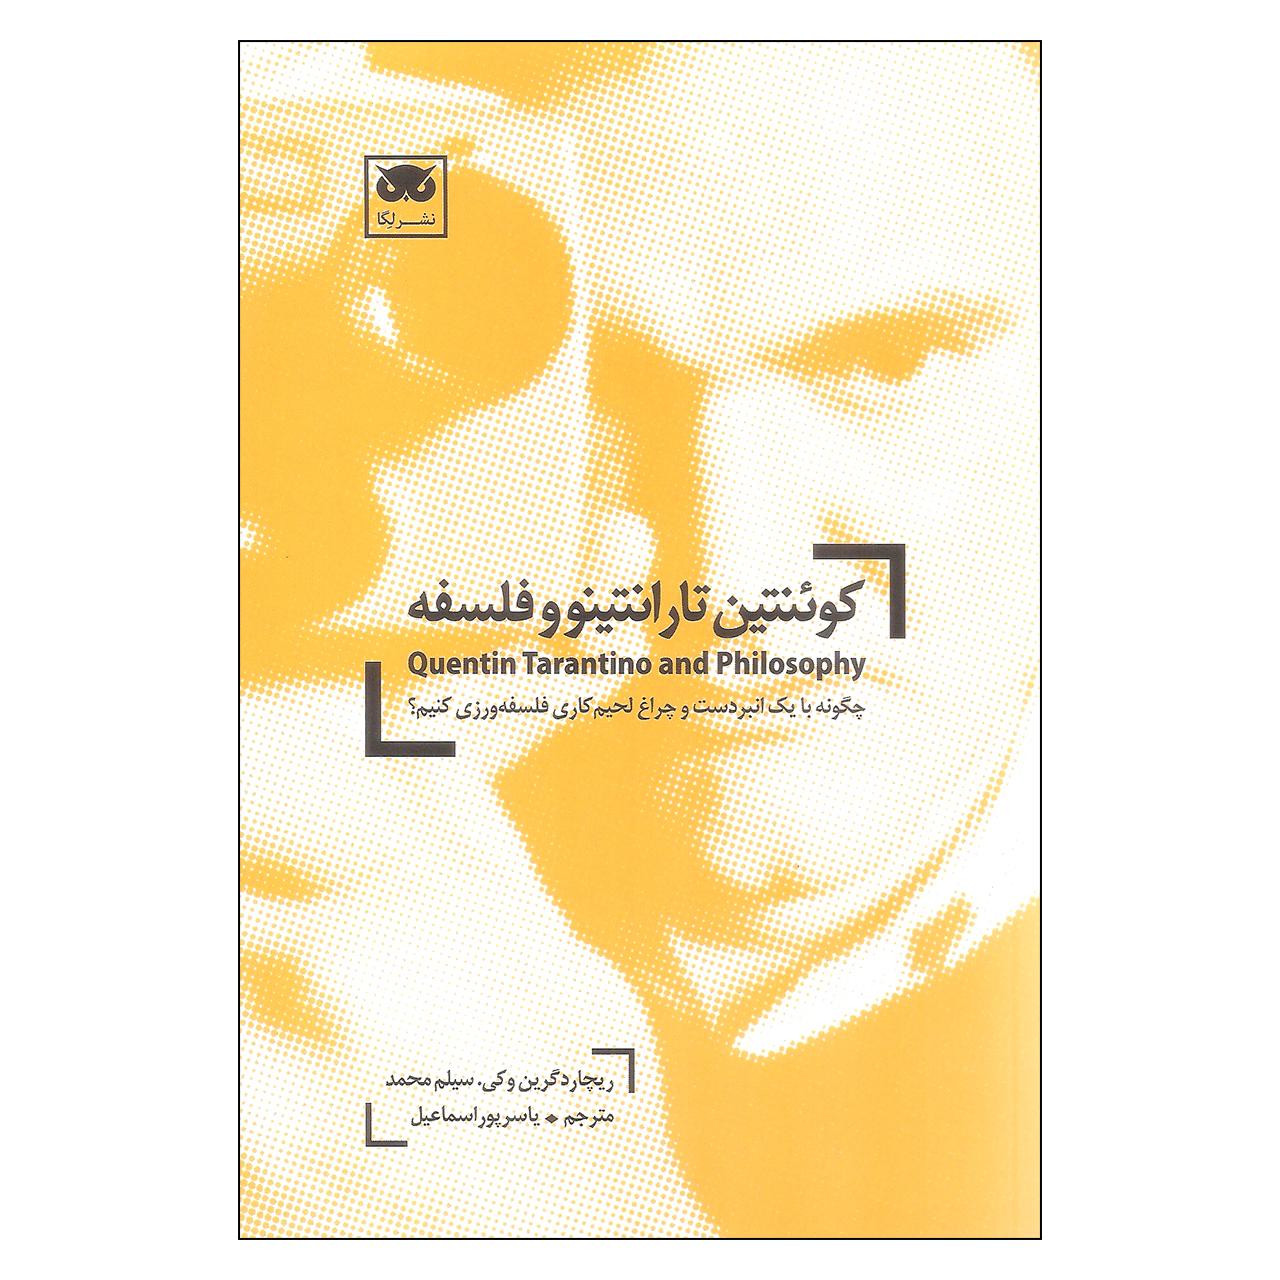 خرید                      کتاب کوئنتین تارانتیمو و فلسفه اثر ریچارد گرین وکی و سیلم محمد نشر لگا